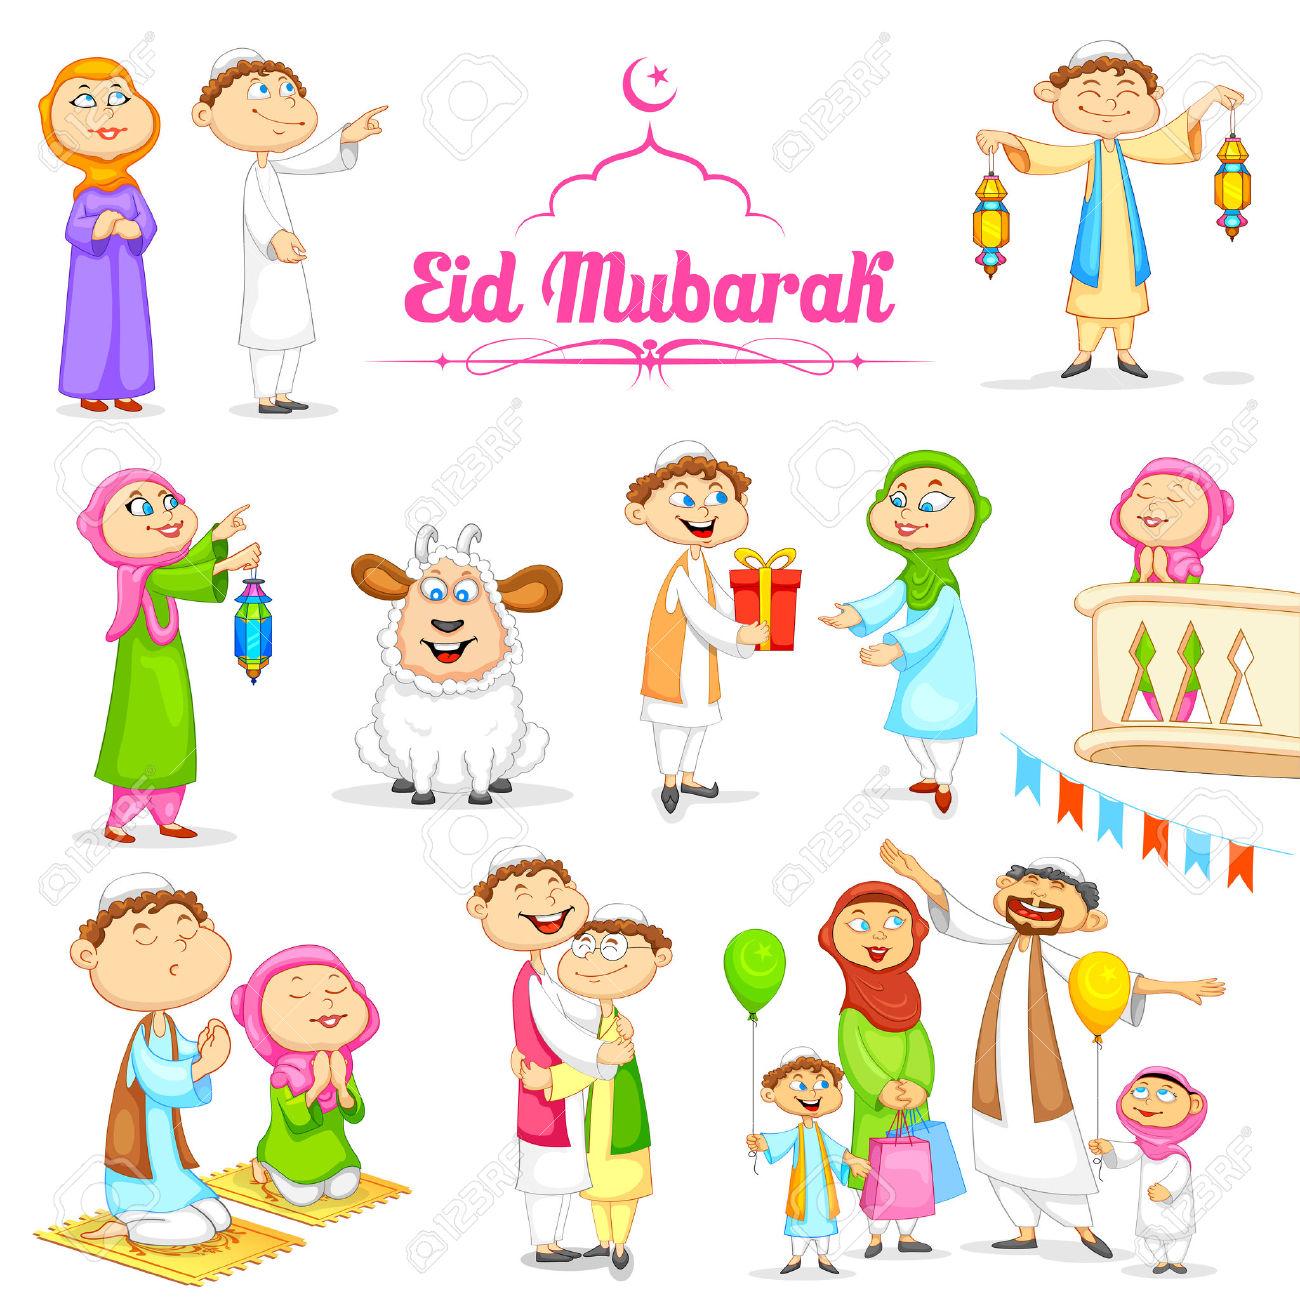 Eid Celebration For Kids PNG - 133980